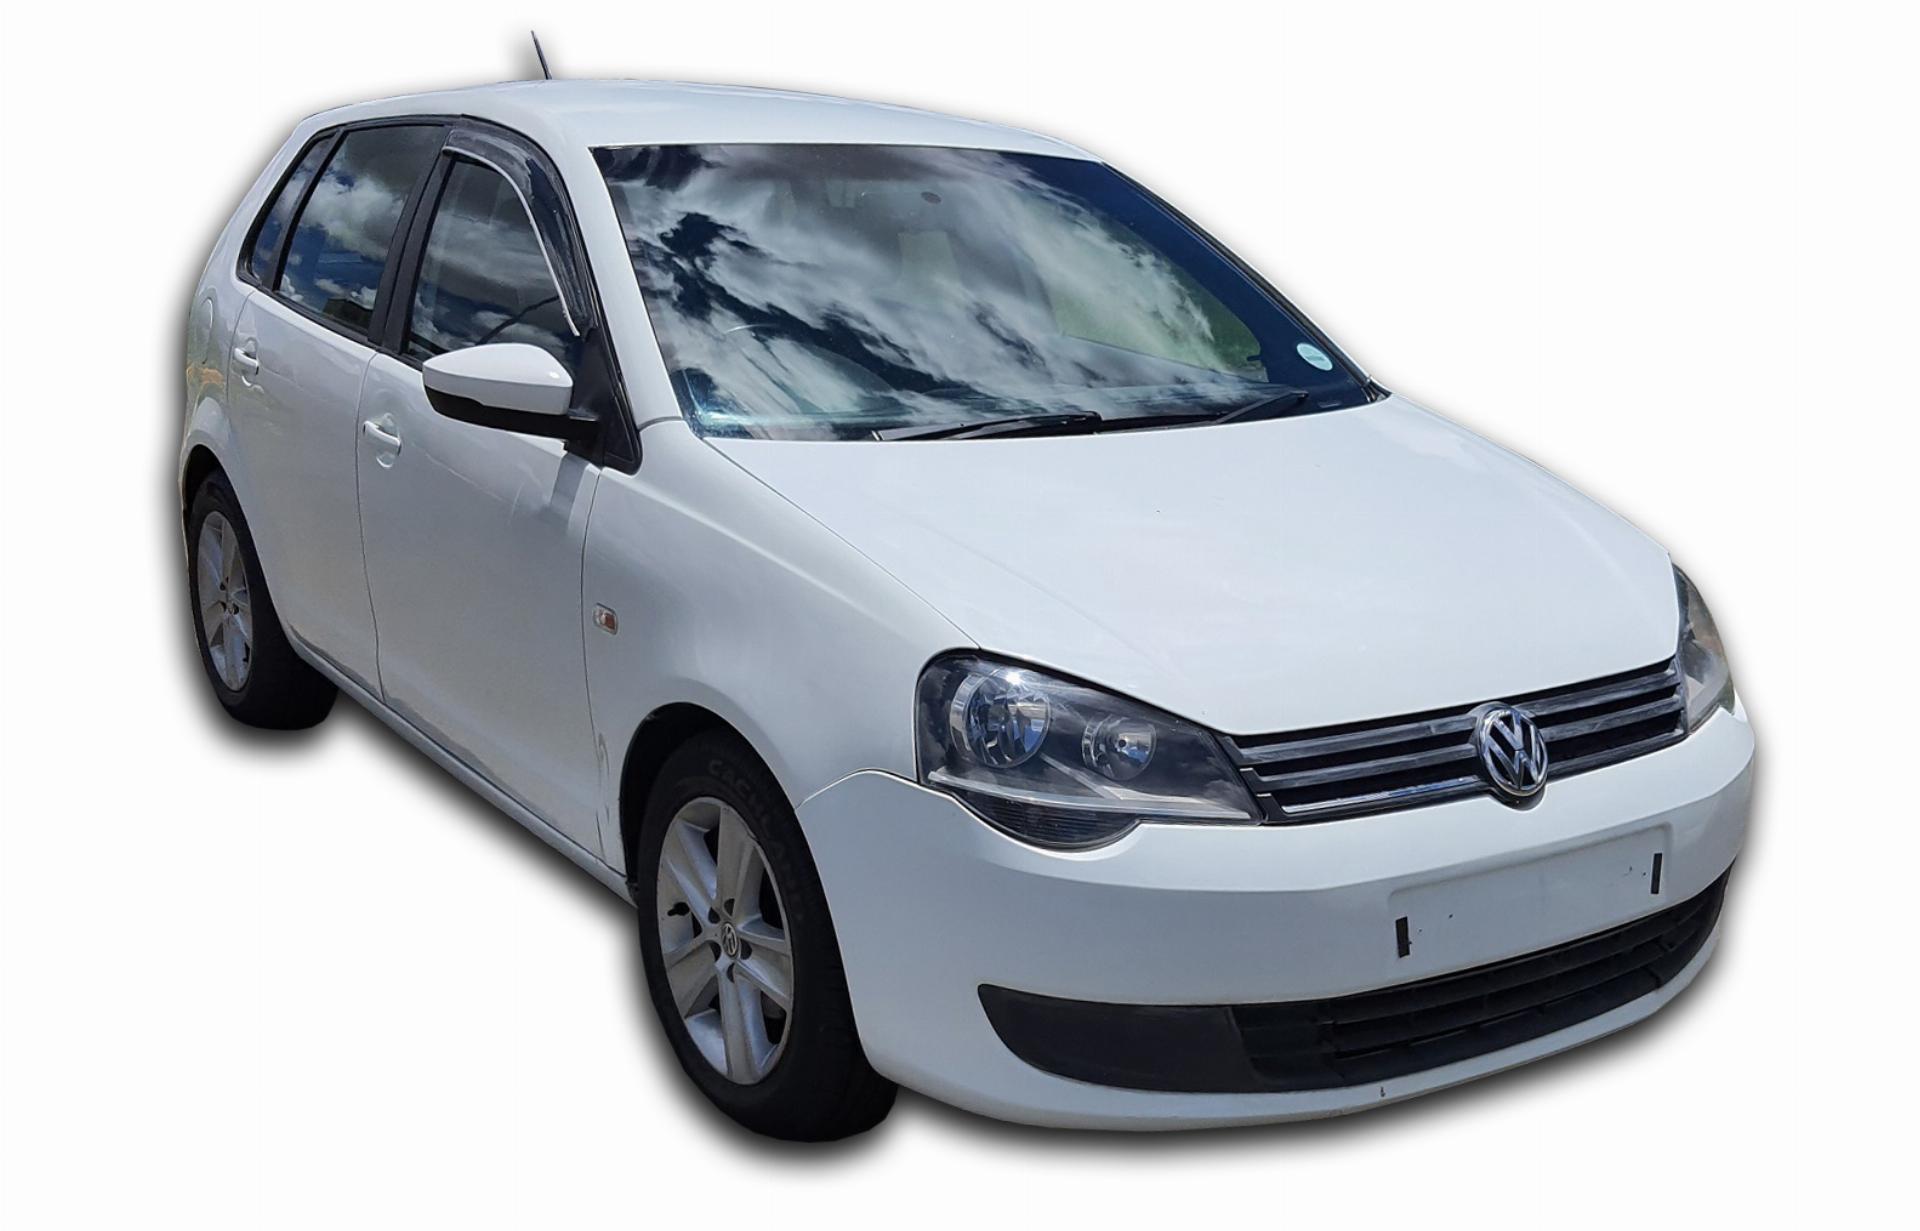 VW Polo 1.4I Street